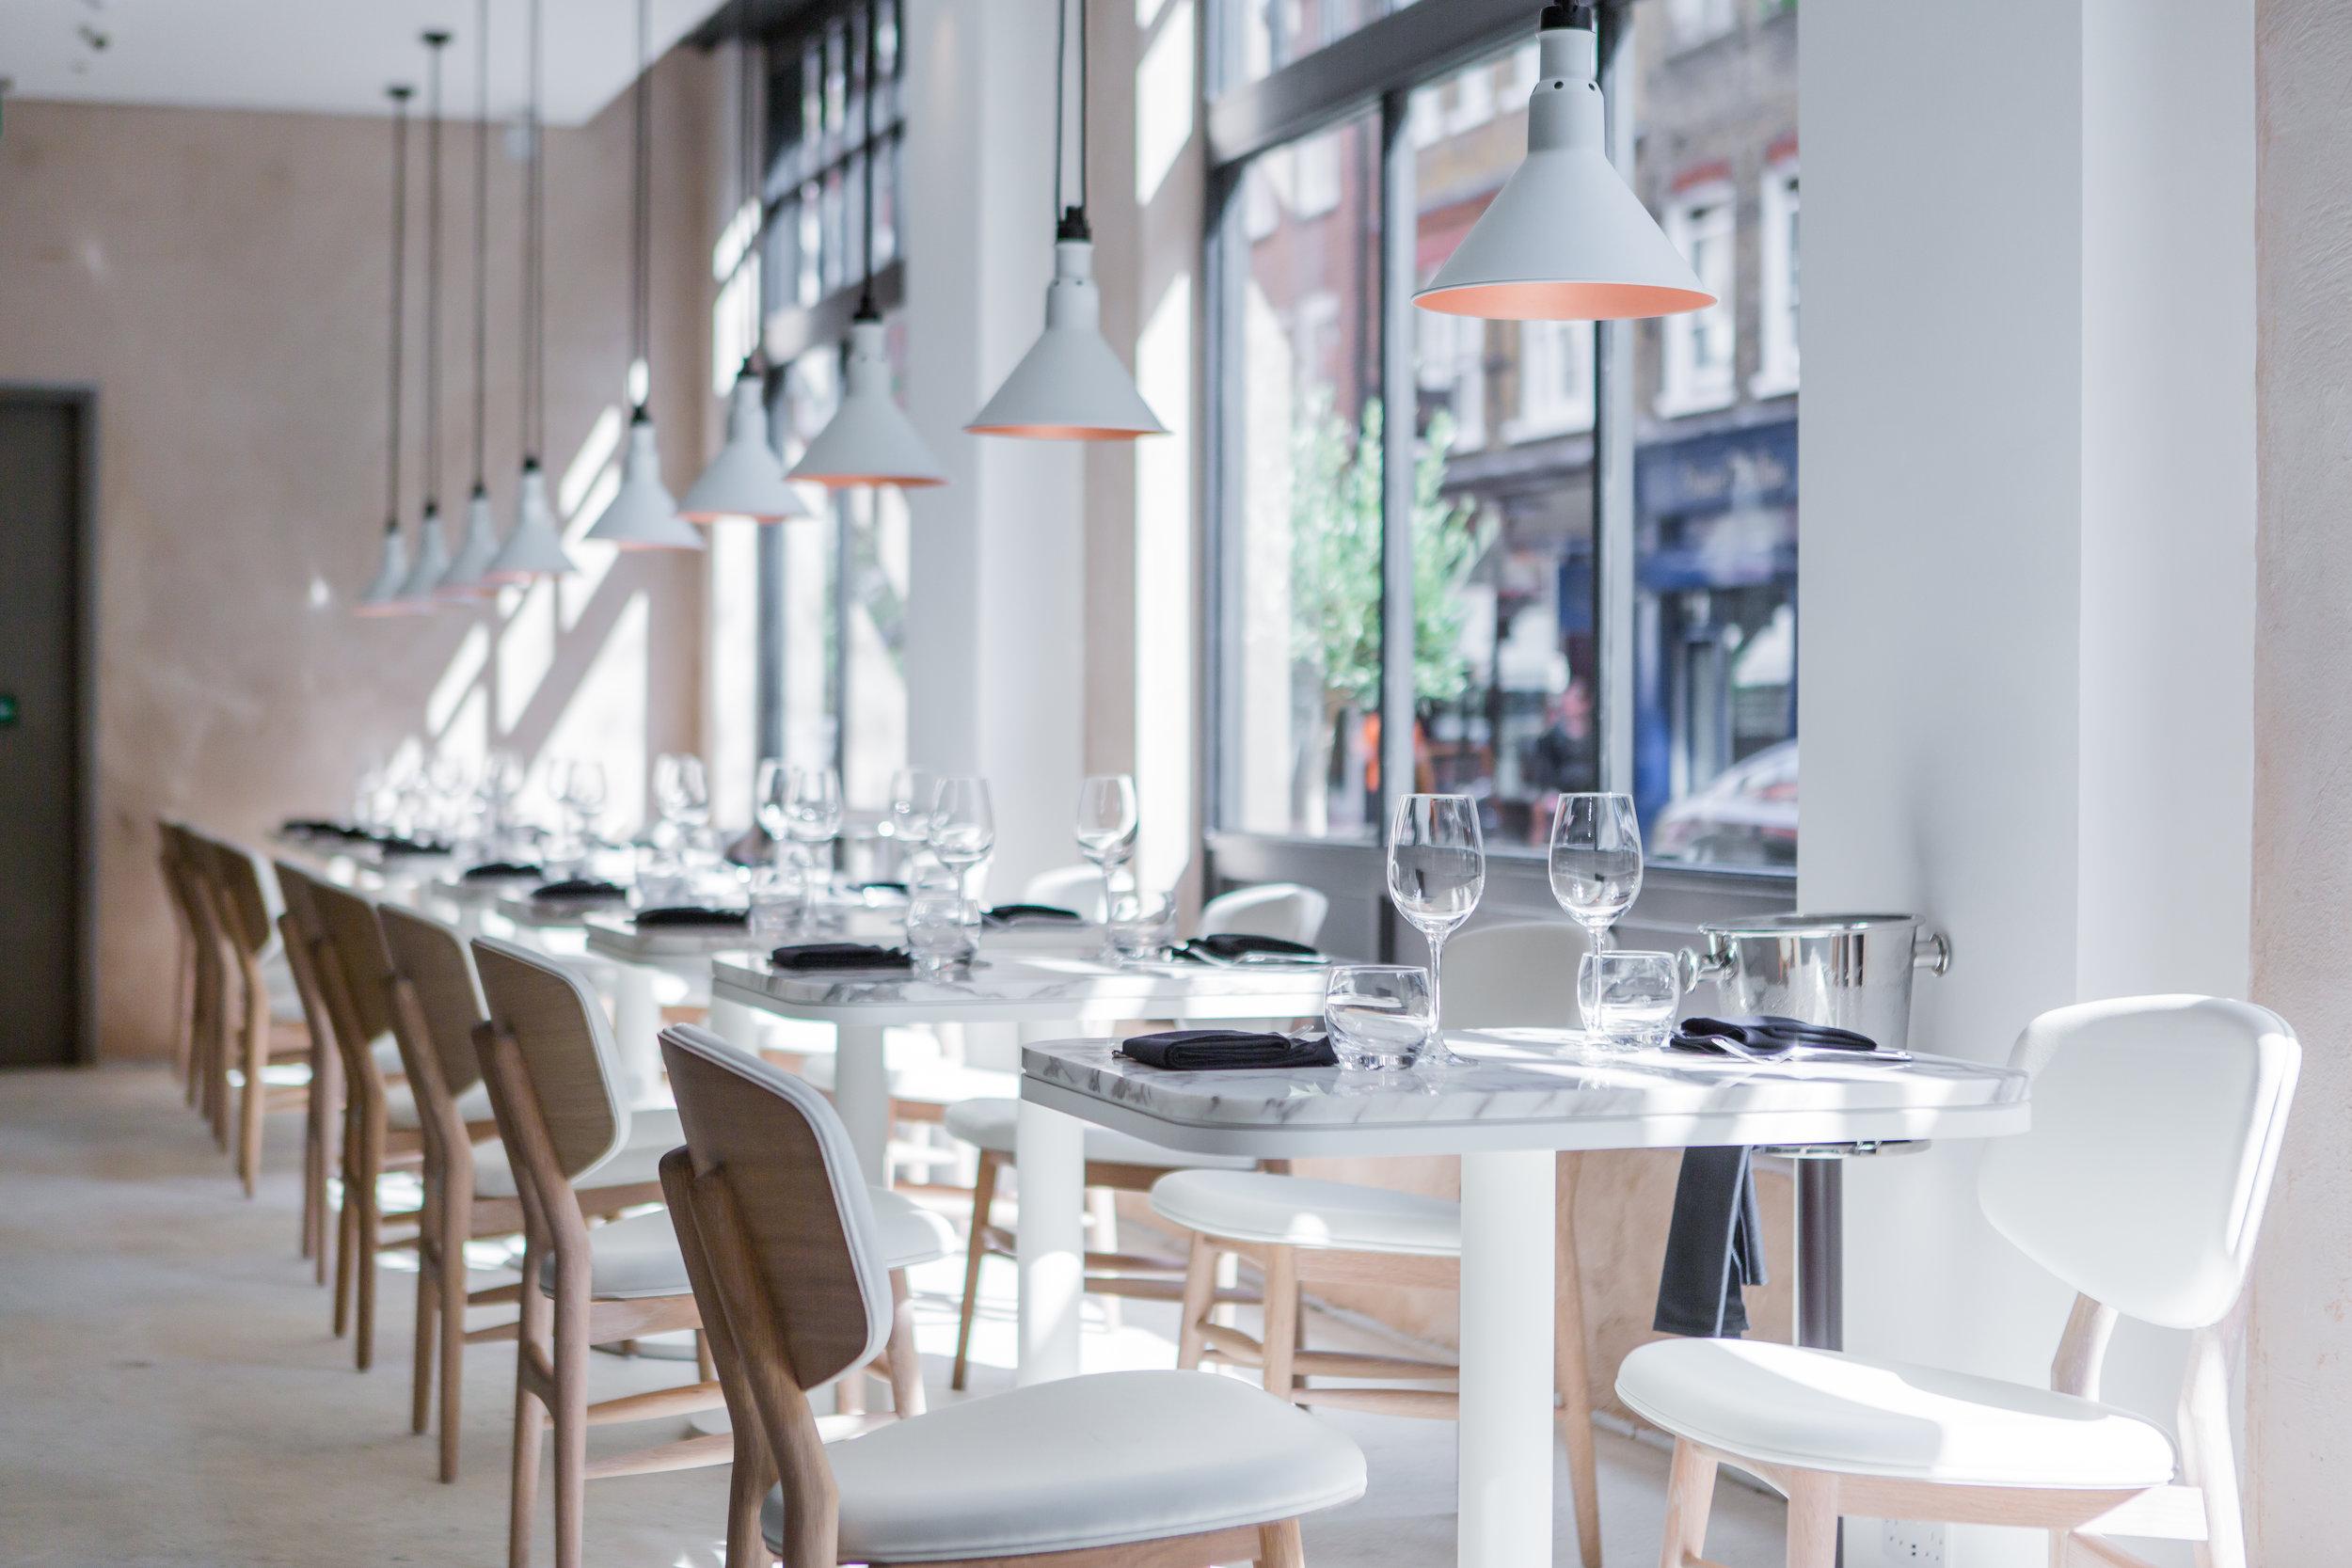 Monmouth Kitchen - Interior-23.jpg